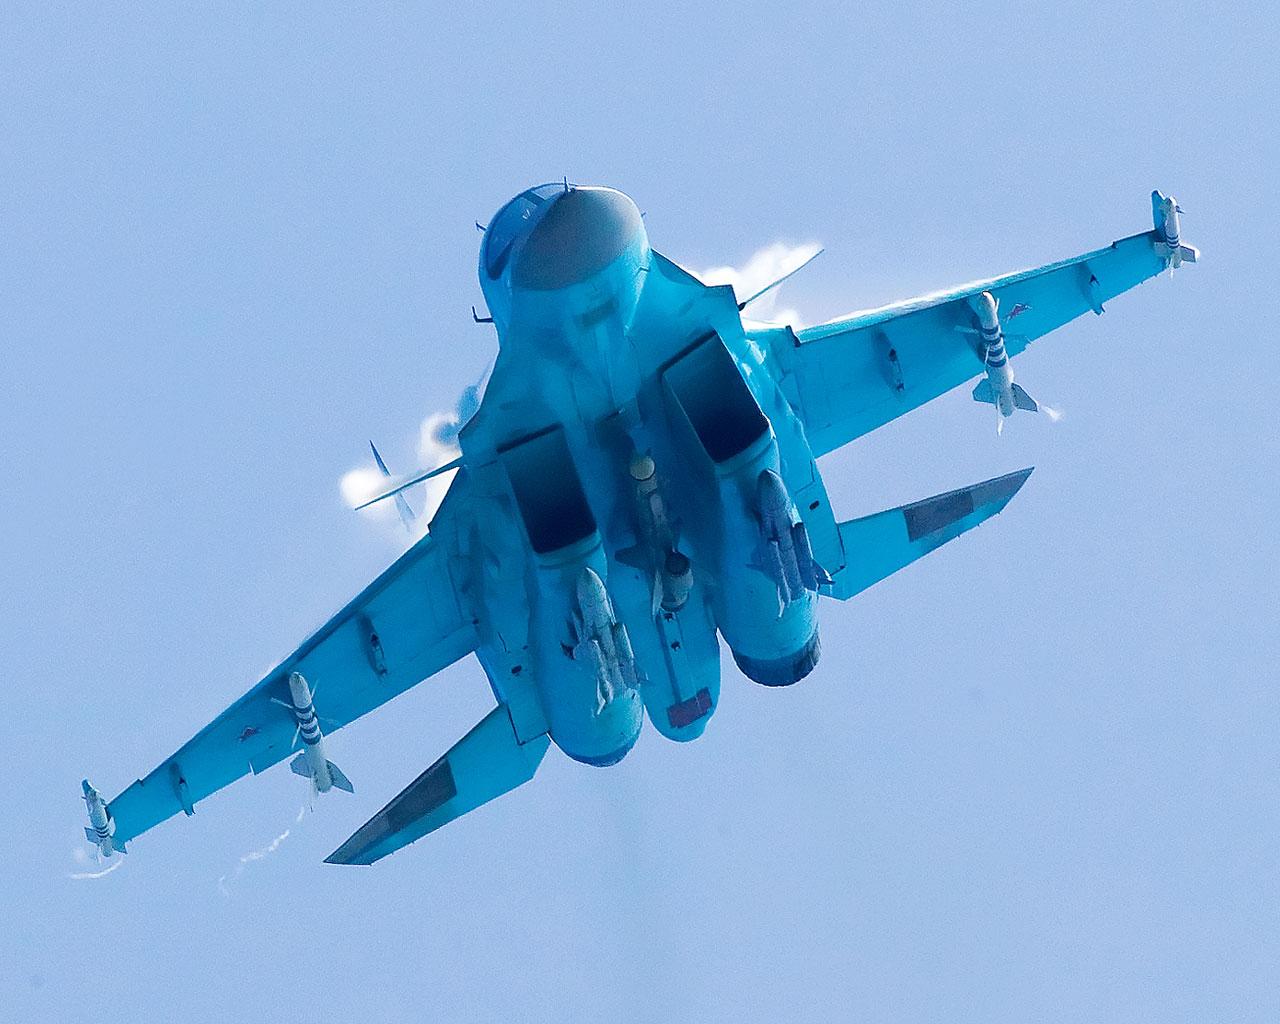 Rússia quer exportar o Sukhoi Su-34